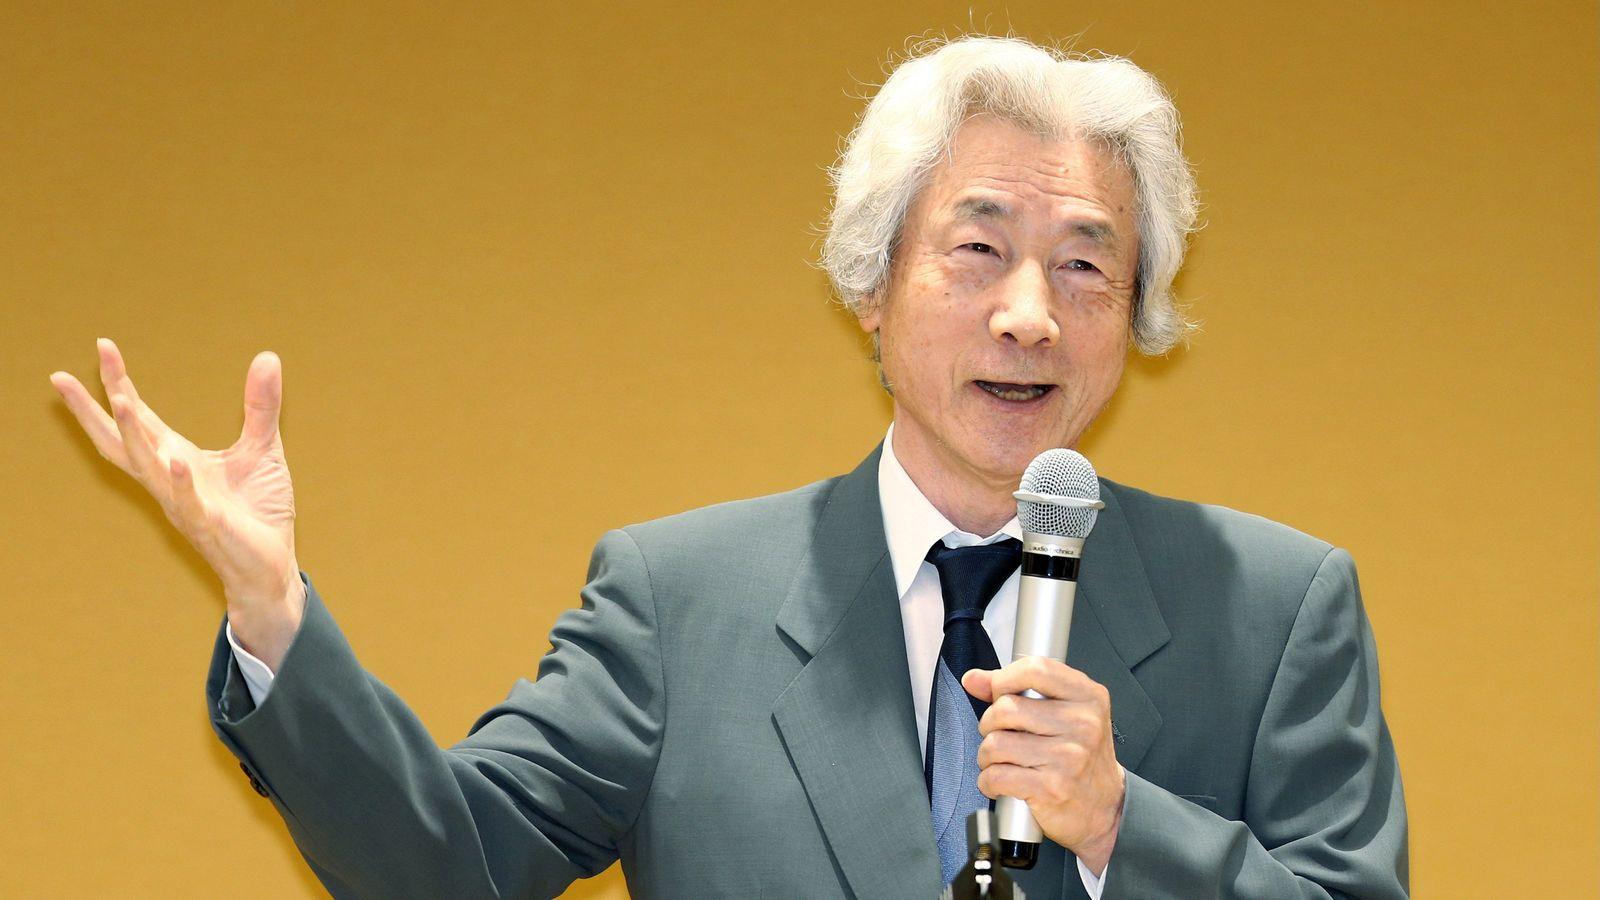 小泉元首相が引退してから「脱原発」を言い始めたワケ 「権力者」であるときには気付けない